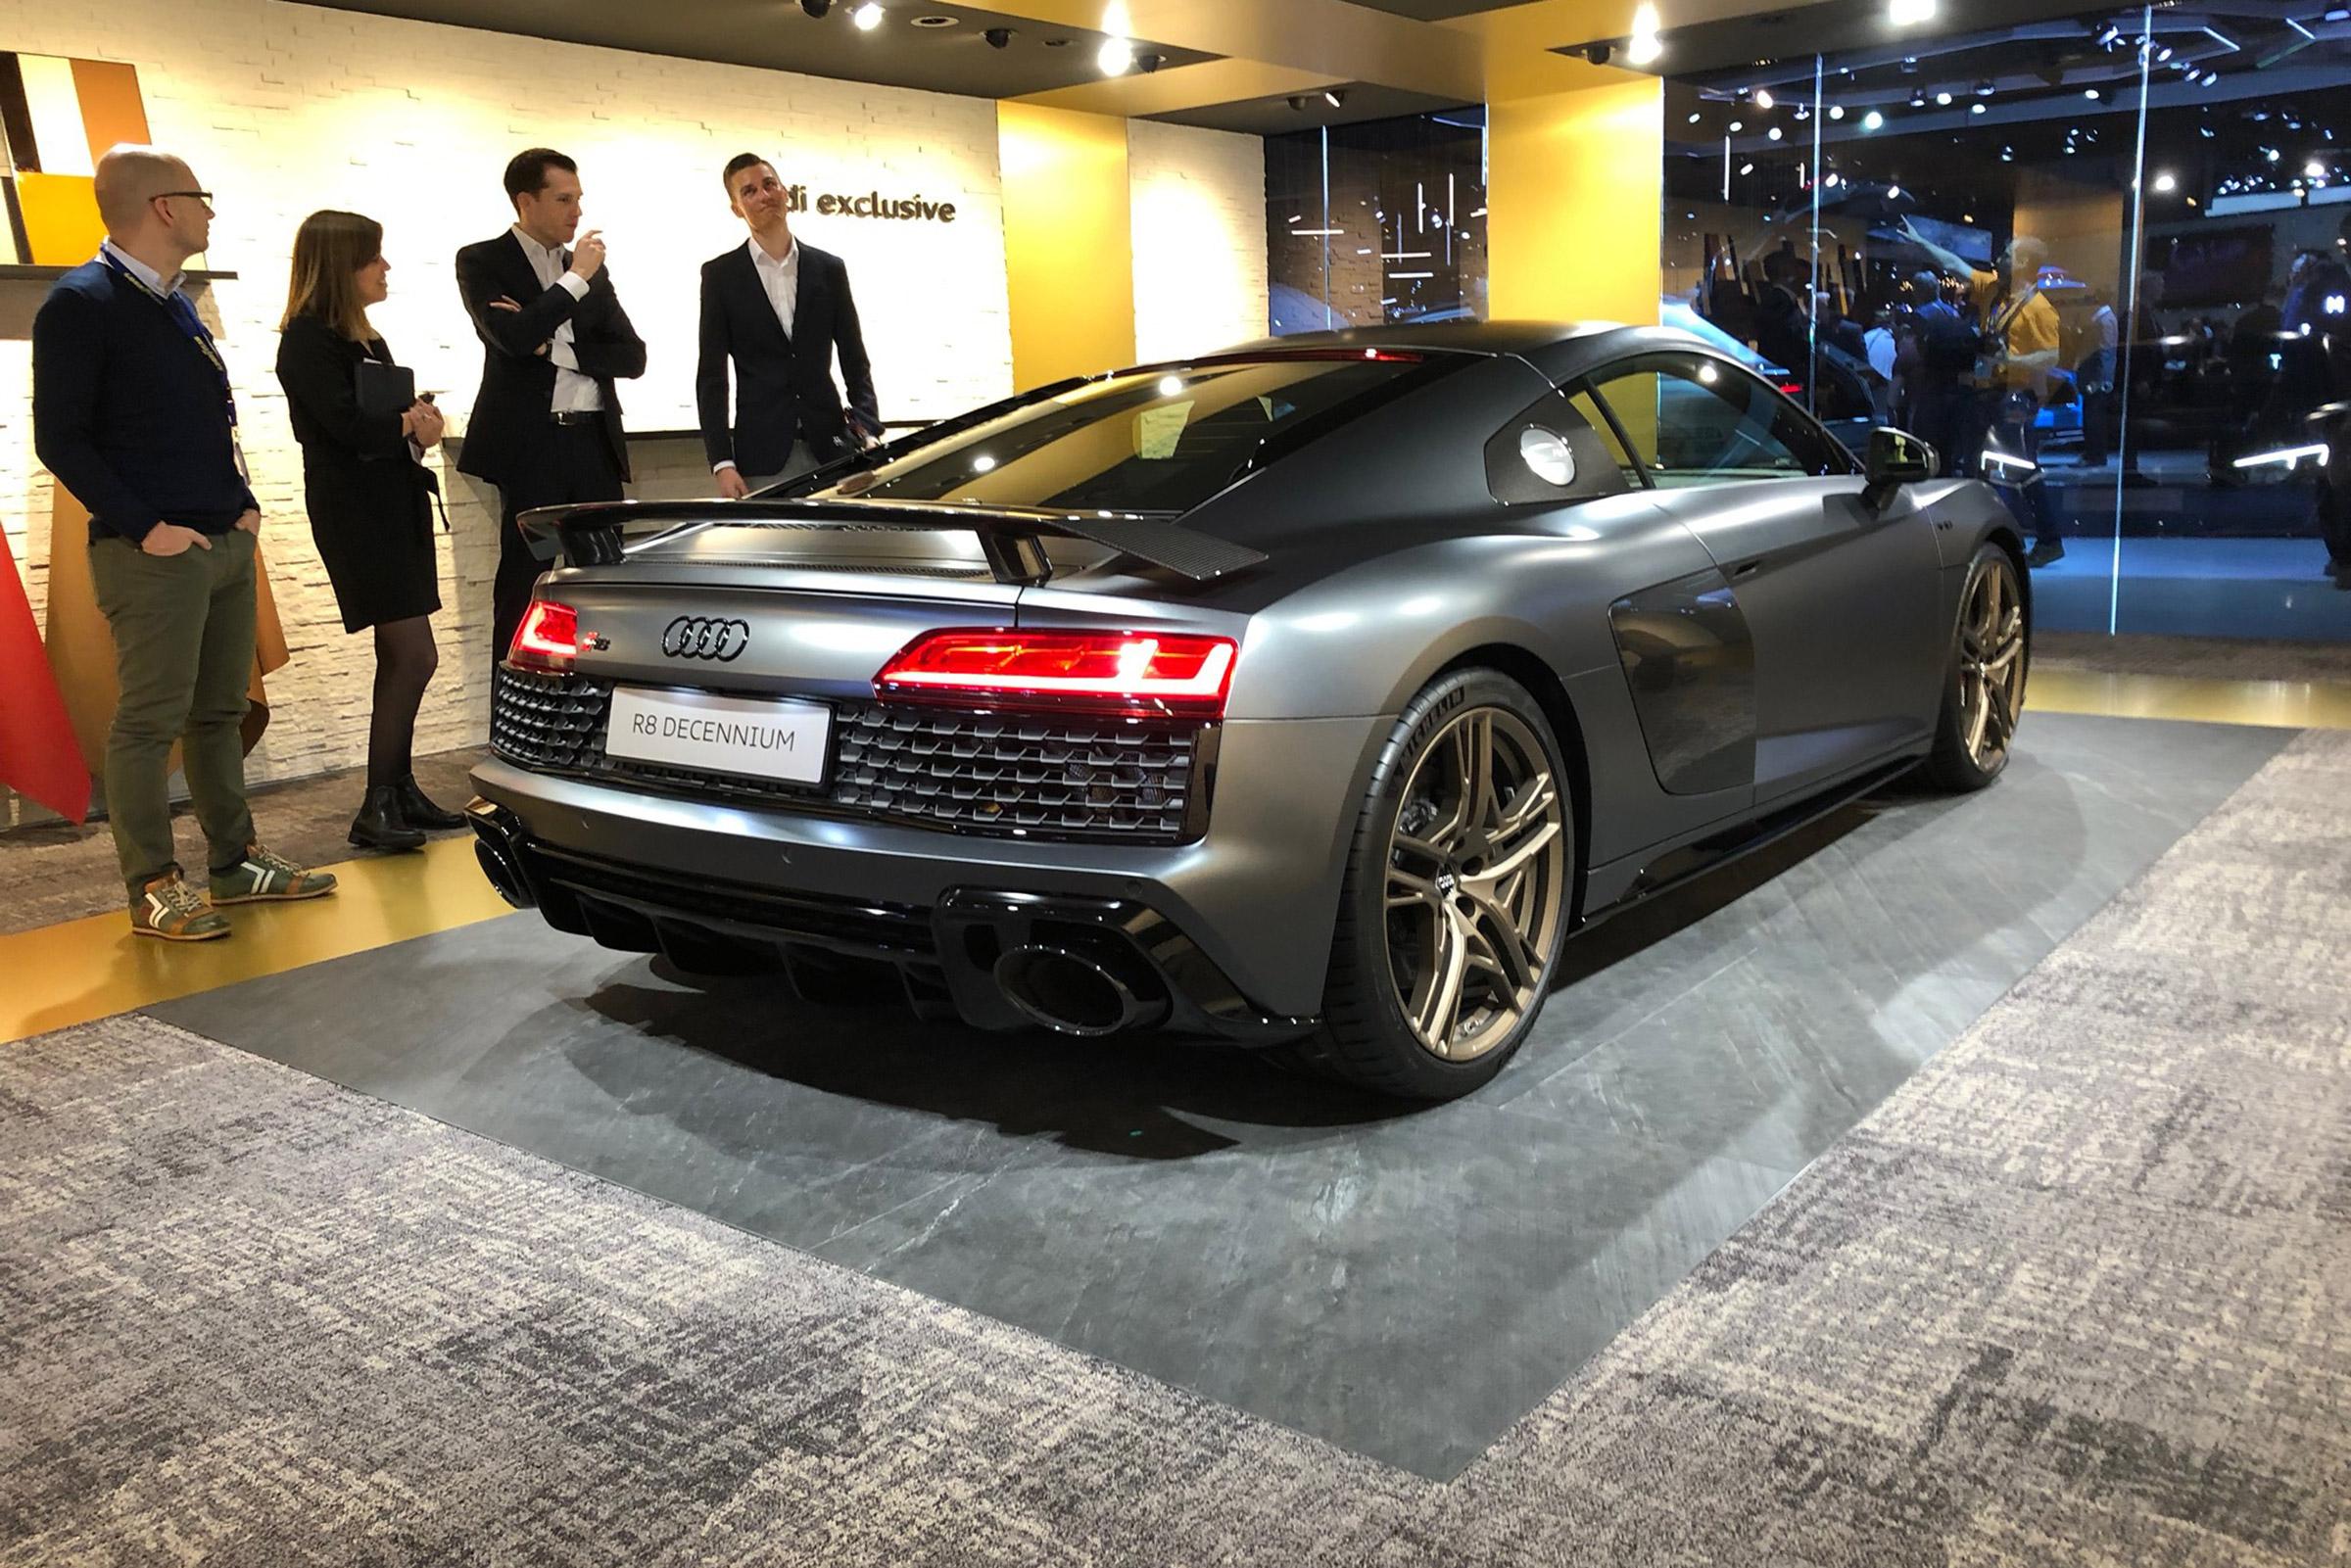 Audi R8 Decennium Revealed At Geneva 2019 To Celebrate A